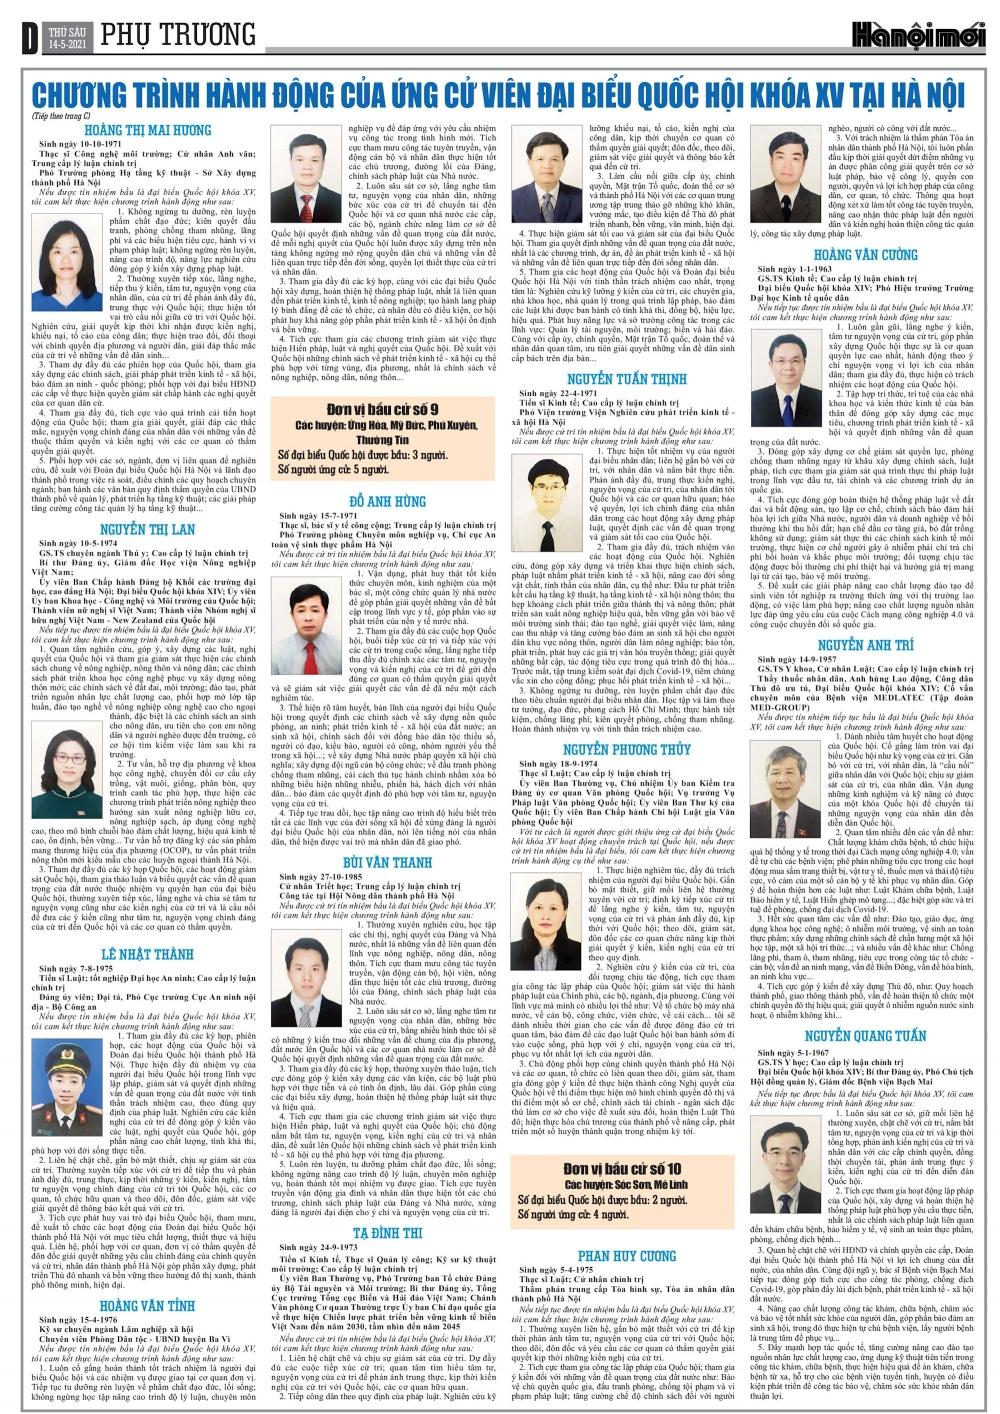 Chương trình hành động của các ứng cử viên đại biểu Quốc hội khóa XV tại Hà Nội